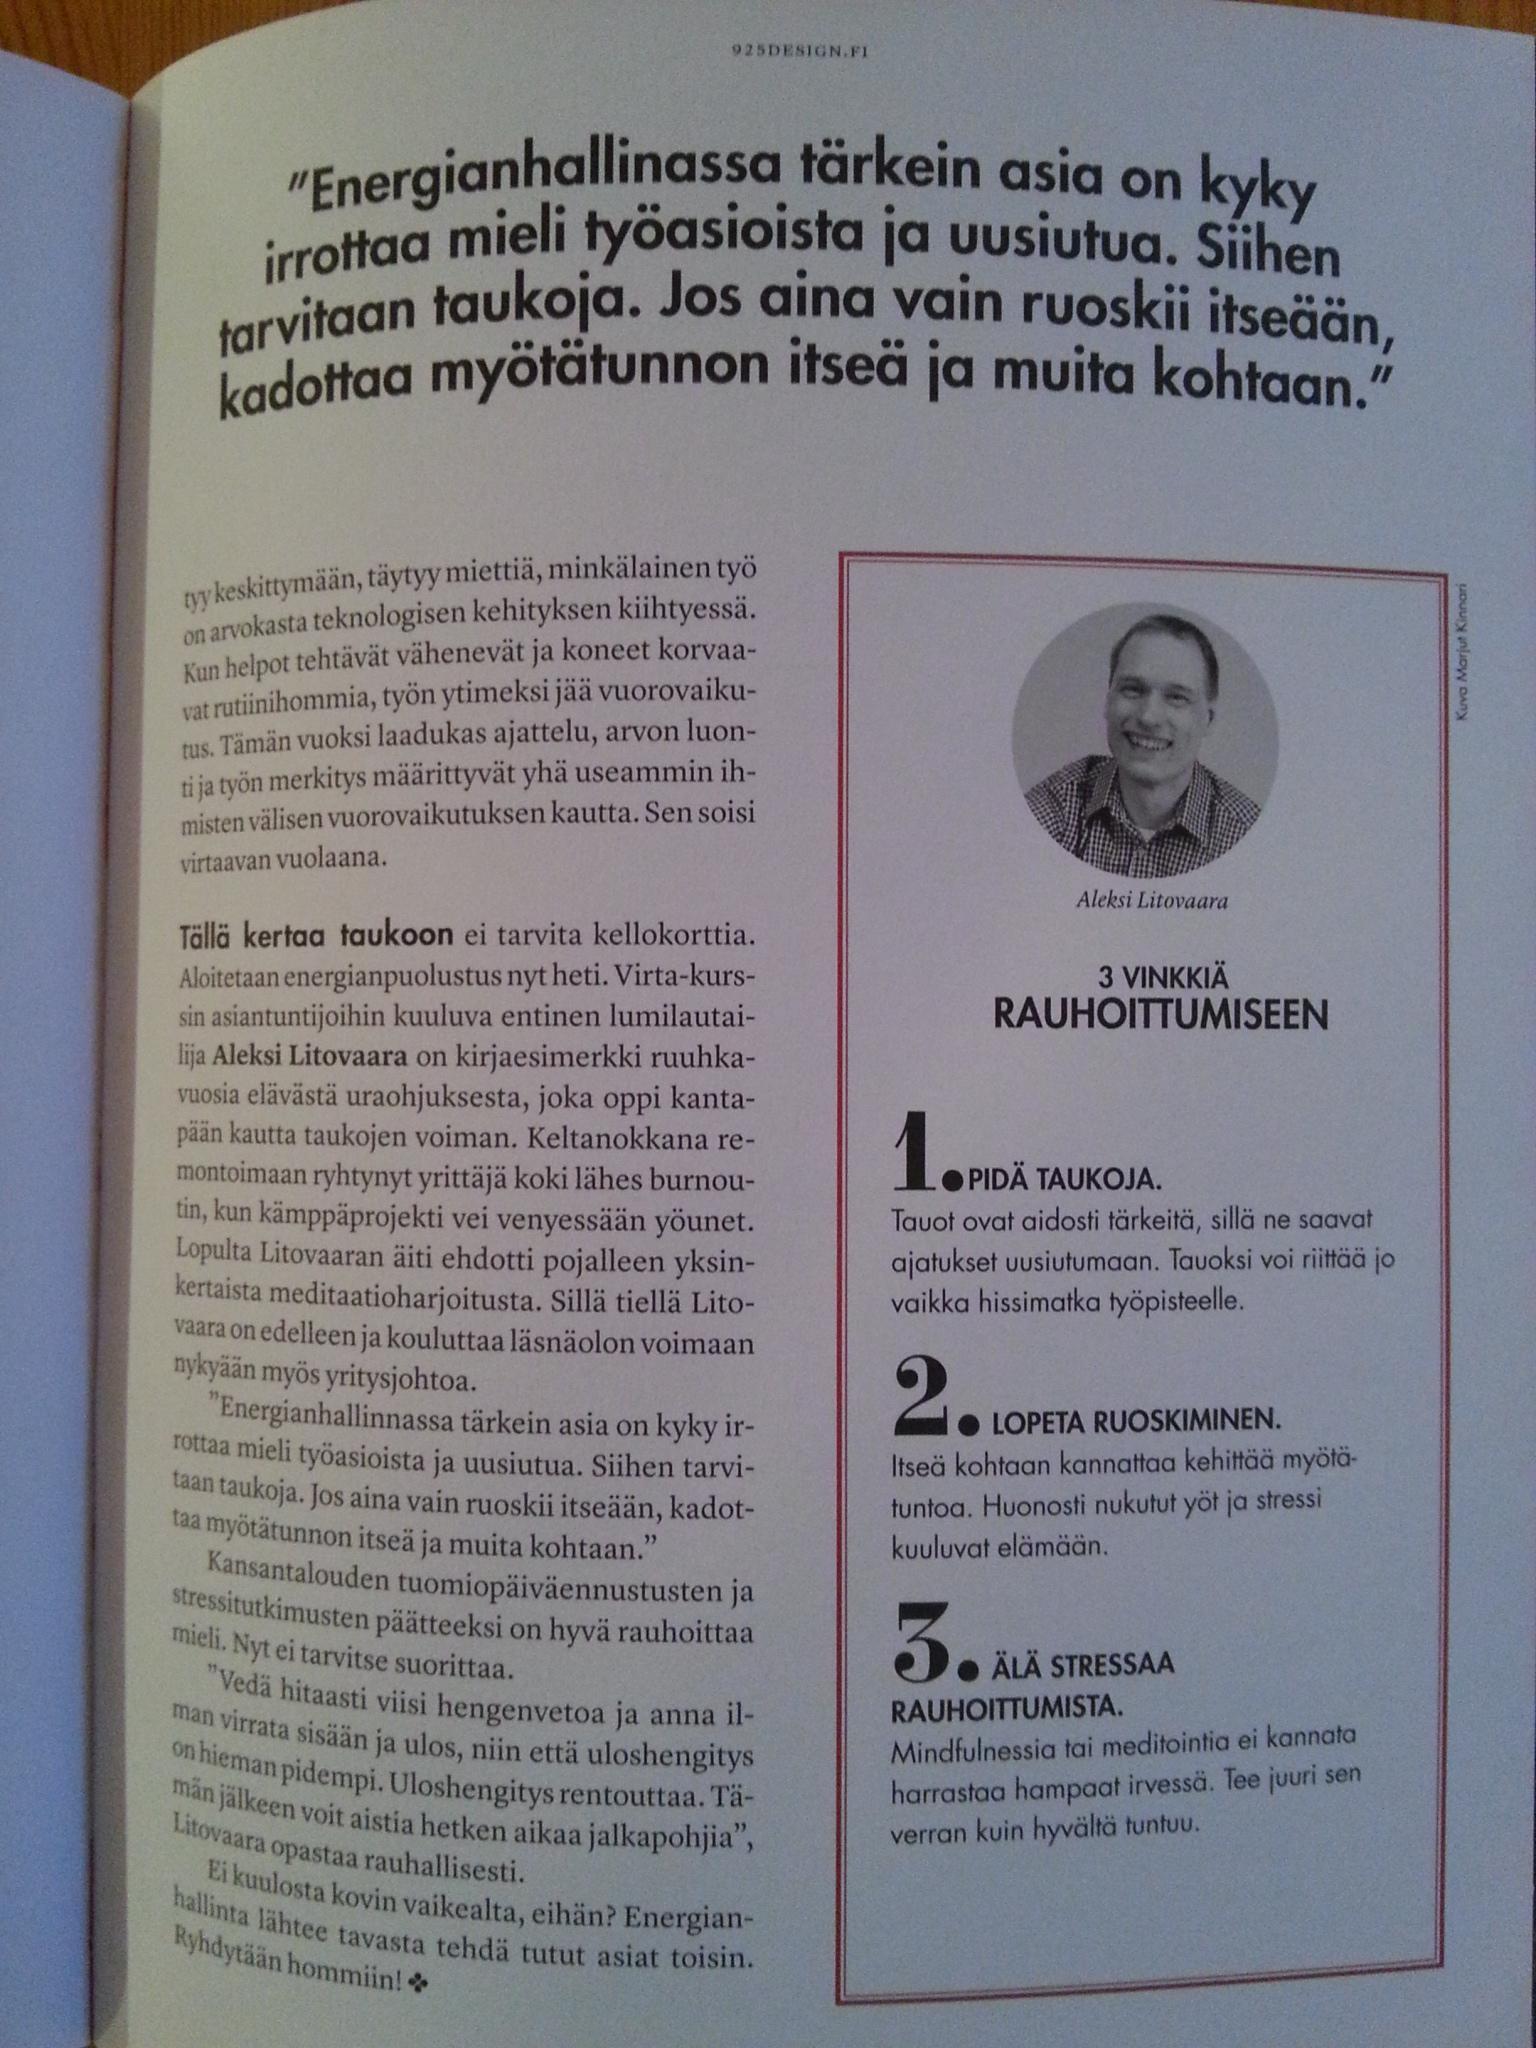 925-lehti_Aleksin_vinkit_rauhoittumiseen_mindfulness